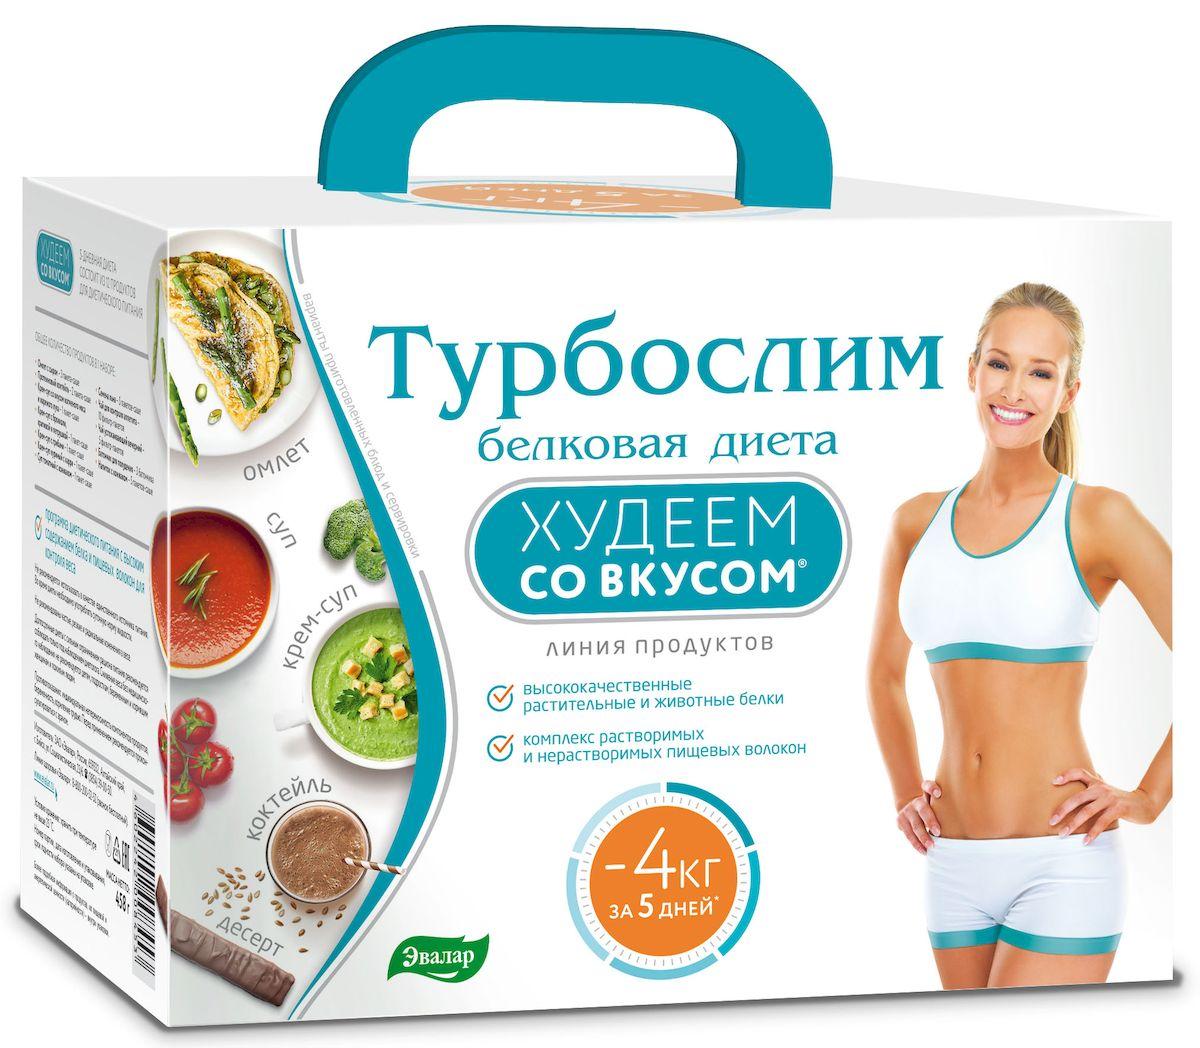 турбослим белковая диета цена отзывы оборудования России странам